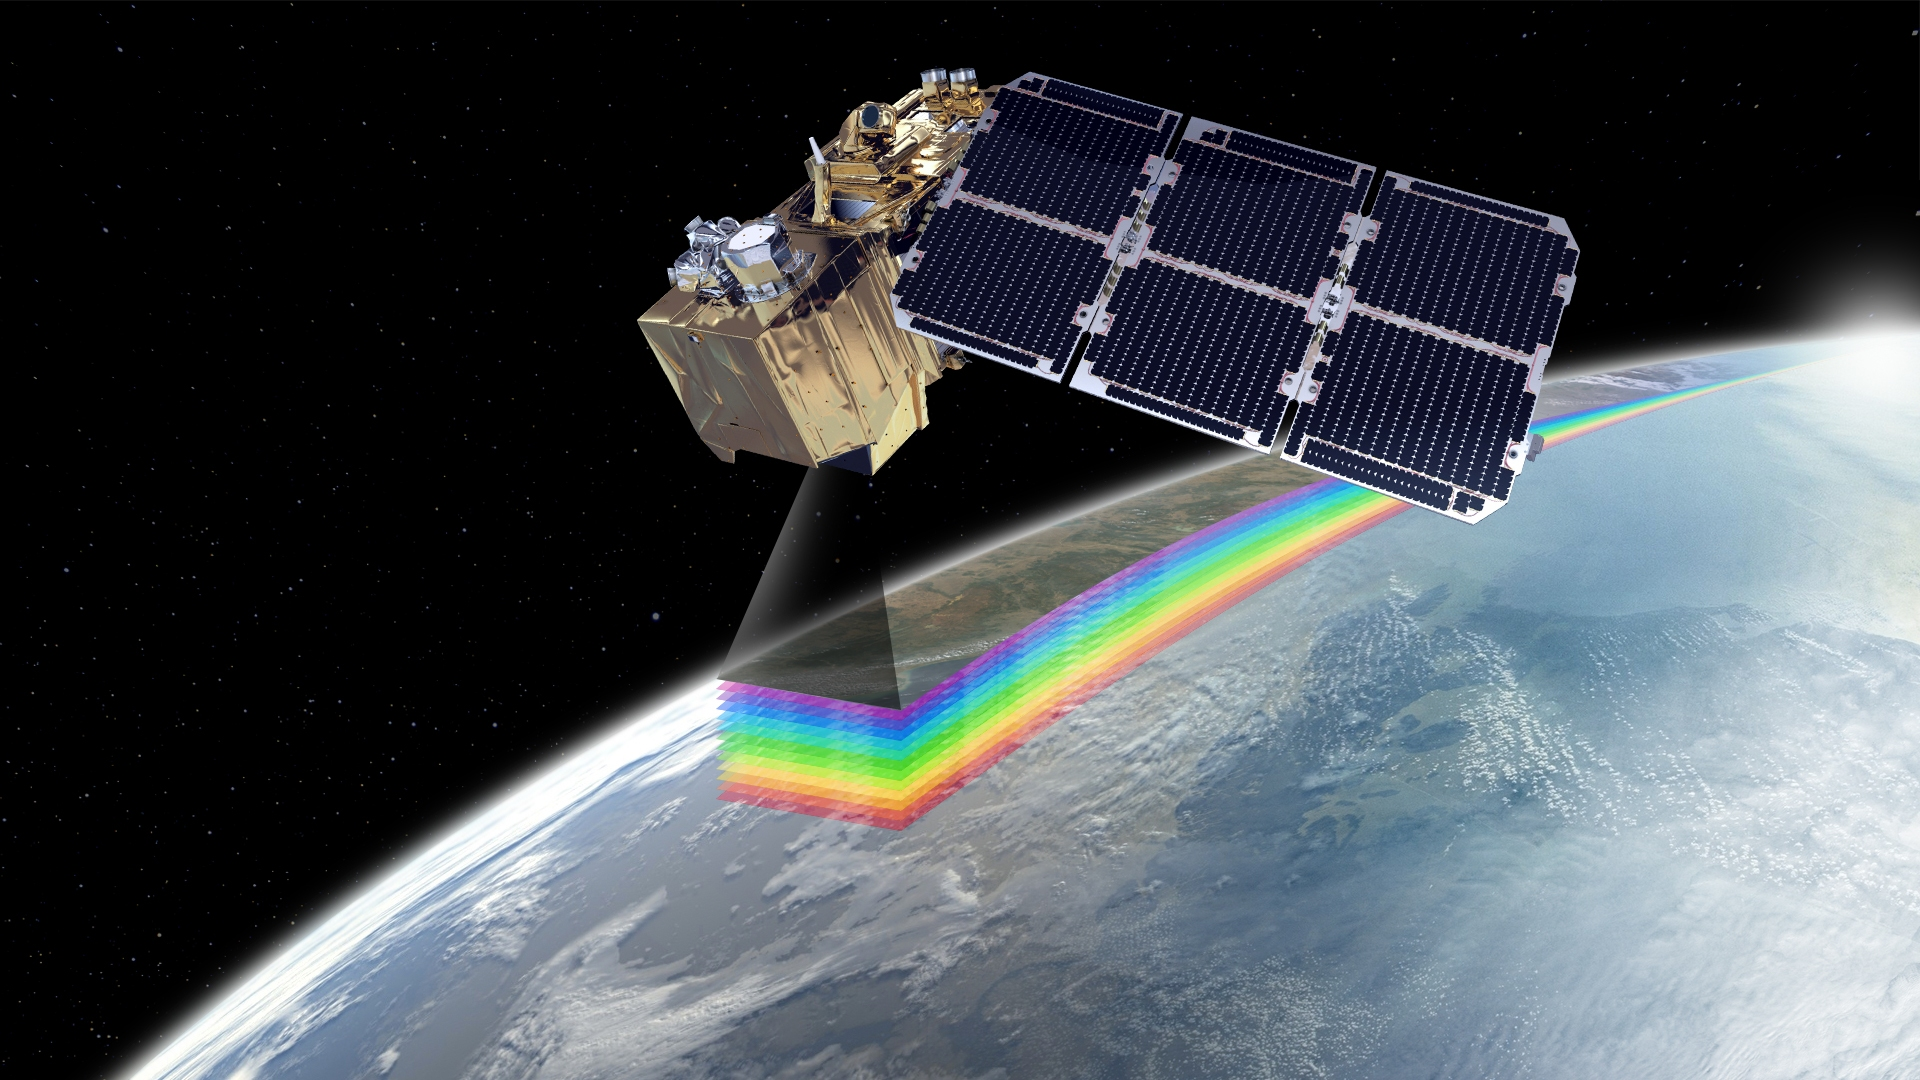 空客哥白尼哨兵-2A卫星洞察全球环境五周年